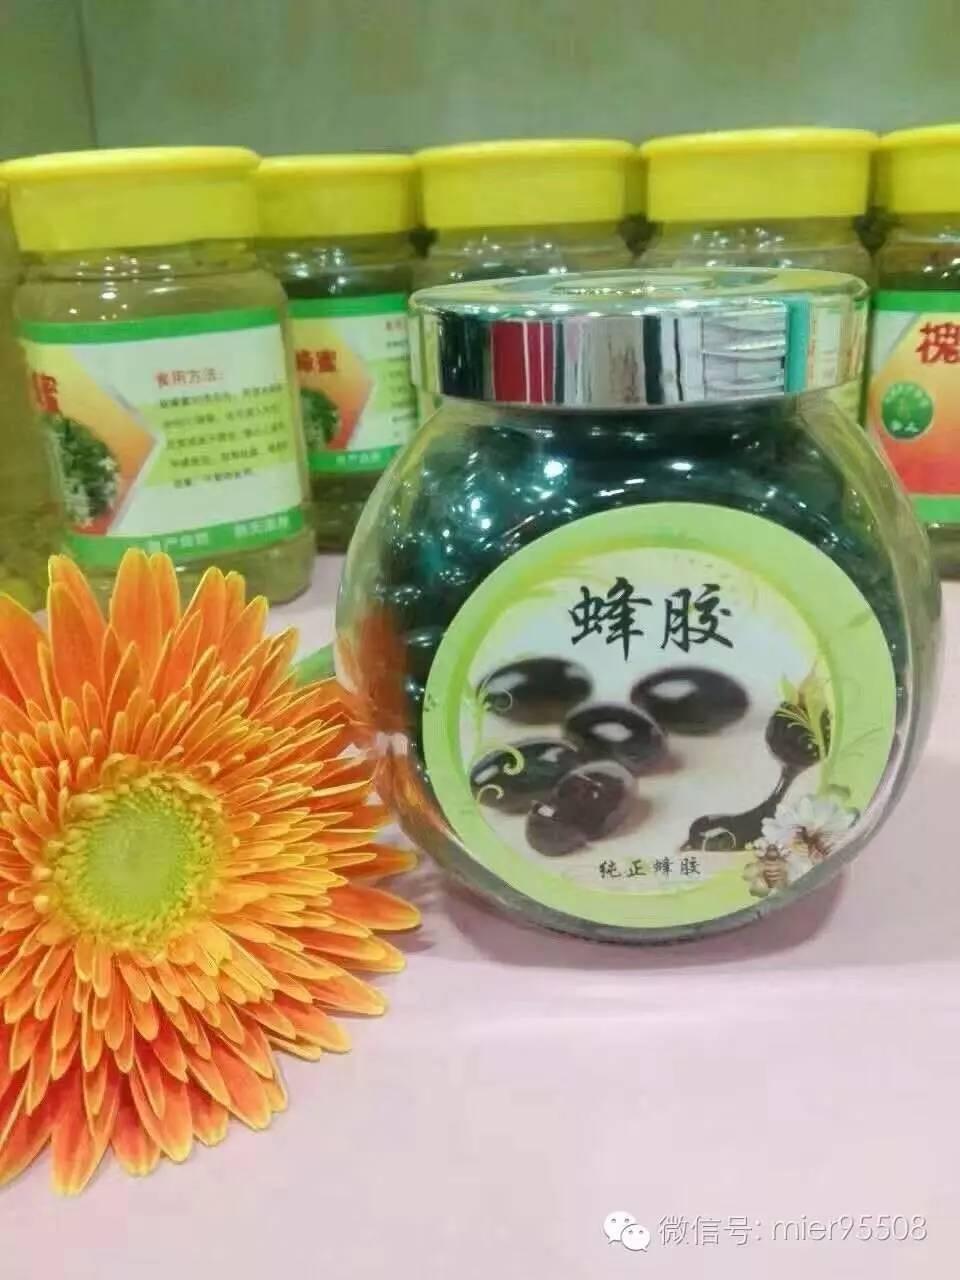 蜂蜜去皱纹 婴儿蜂蜜 天然蜂蜜多少钱一斤 蜂蜜能美白吗 养蜂人故事